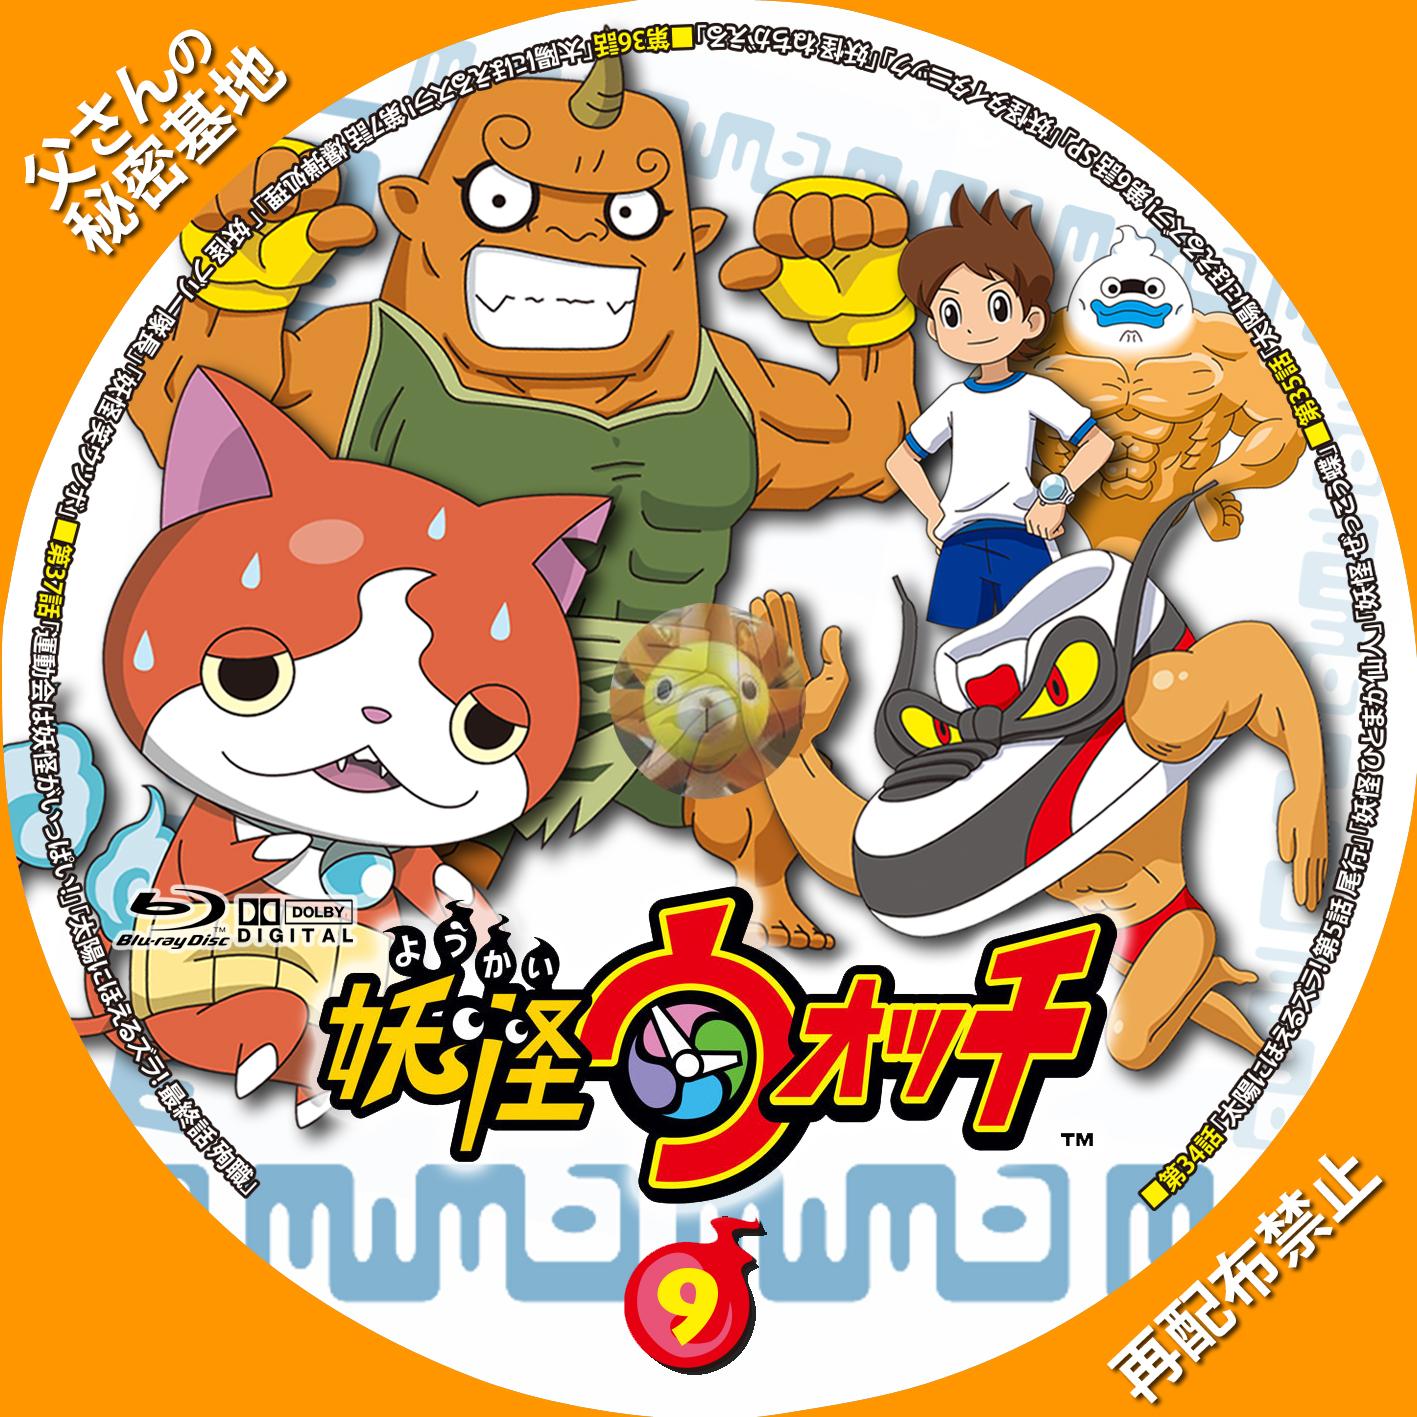 youkai-watch_09BDa.jpg